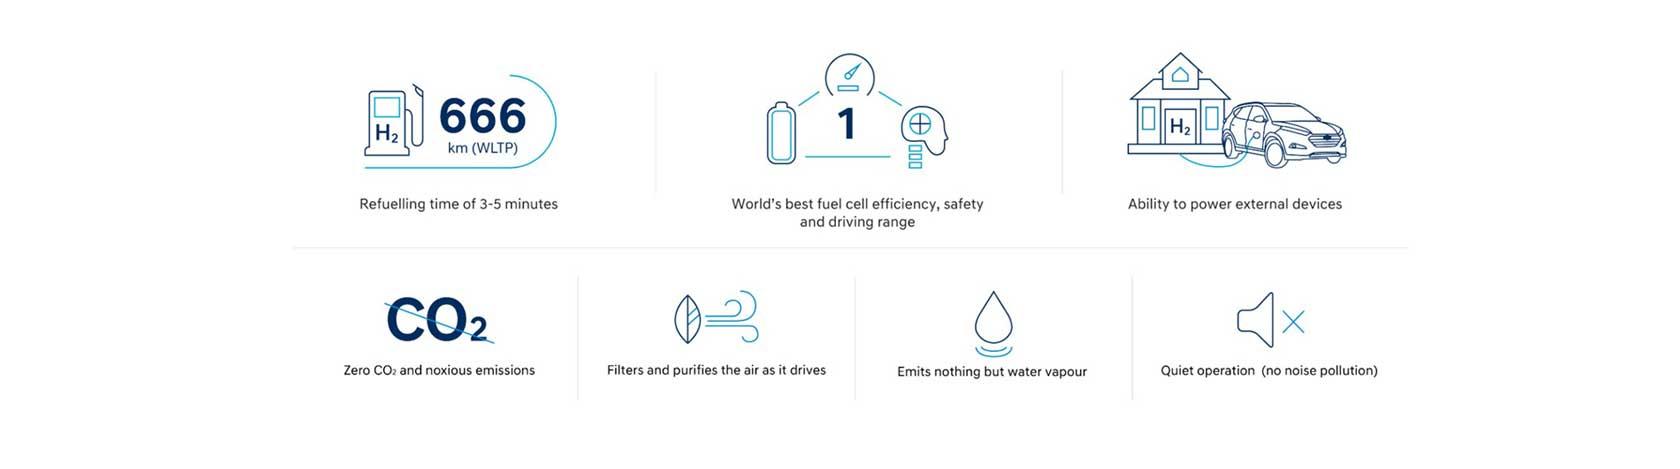 Nexo Hydrogen Infographic